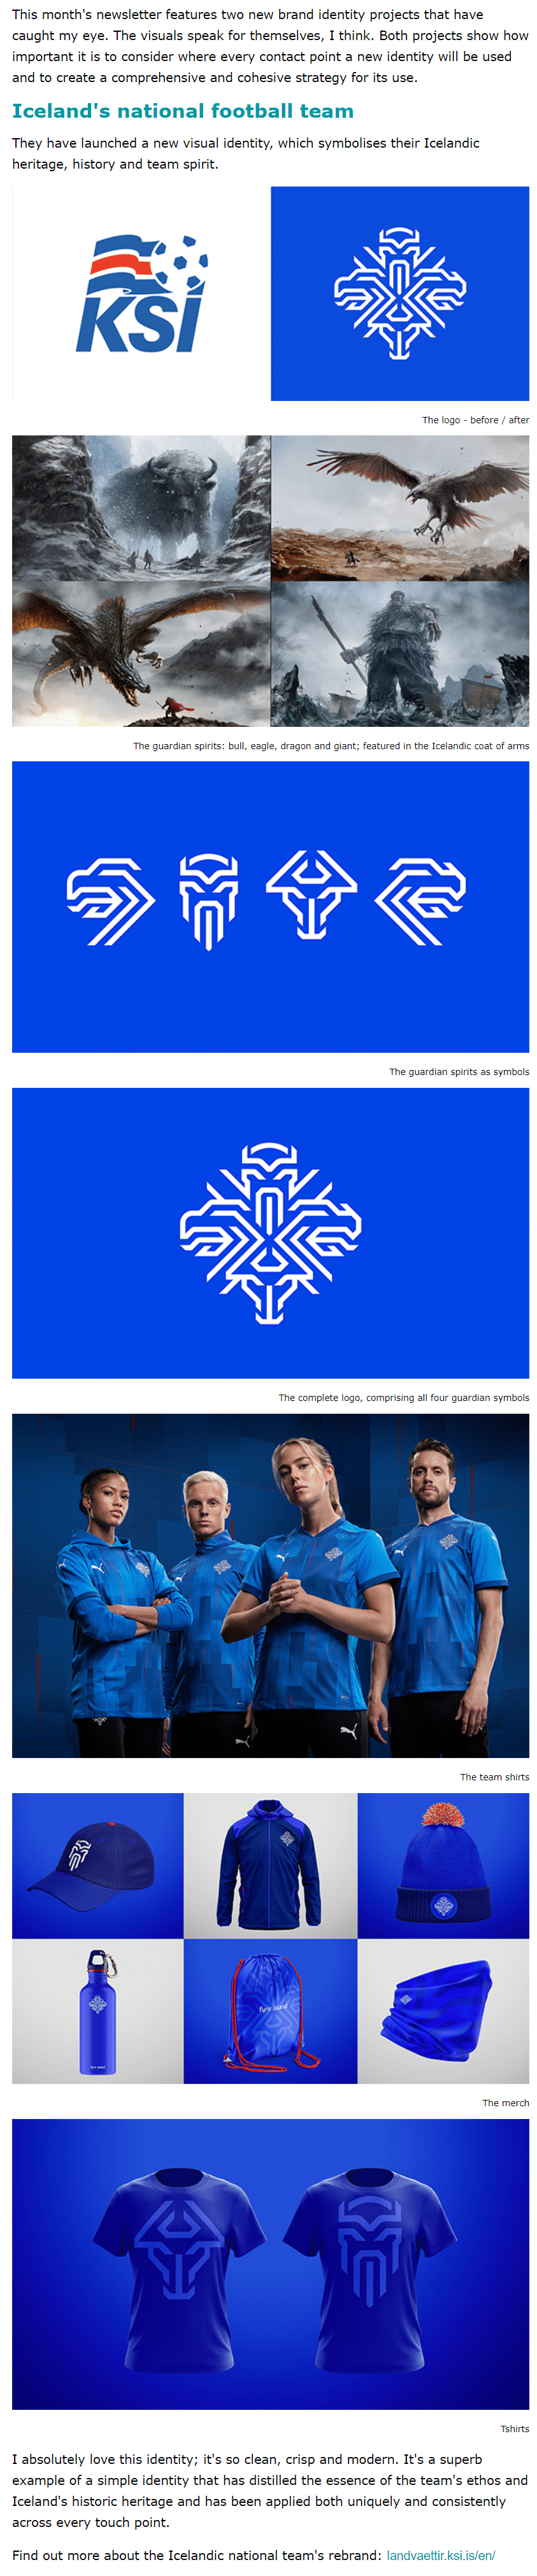 Excerpt from Karen Arnott's newsletter showing the Icelandic football team's visual identity